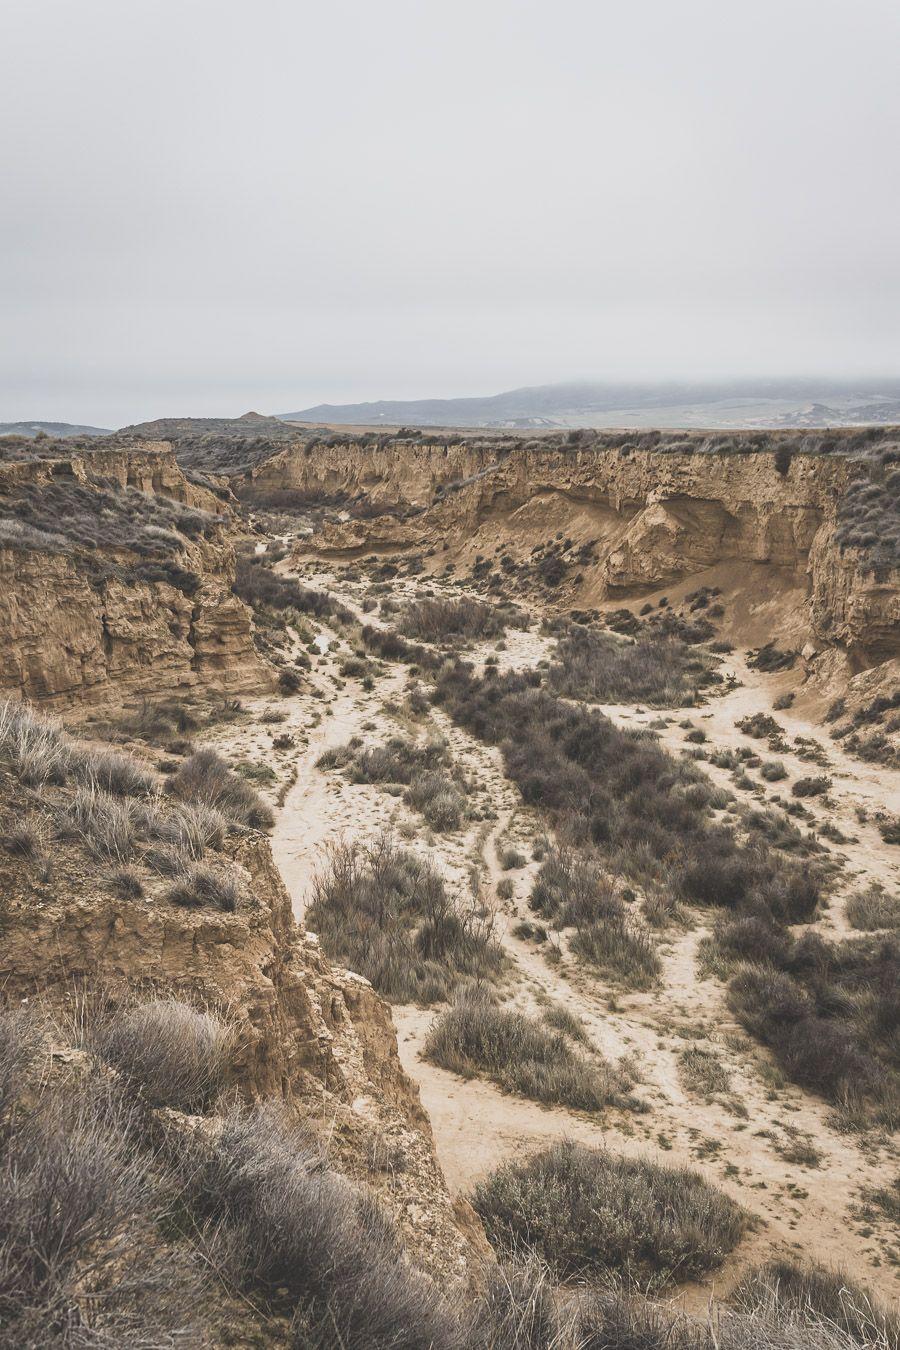 Canyon dans le désert des Bardenas Reales